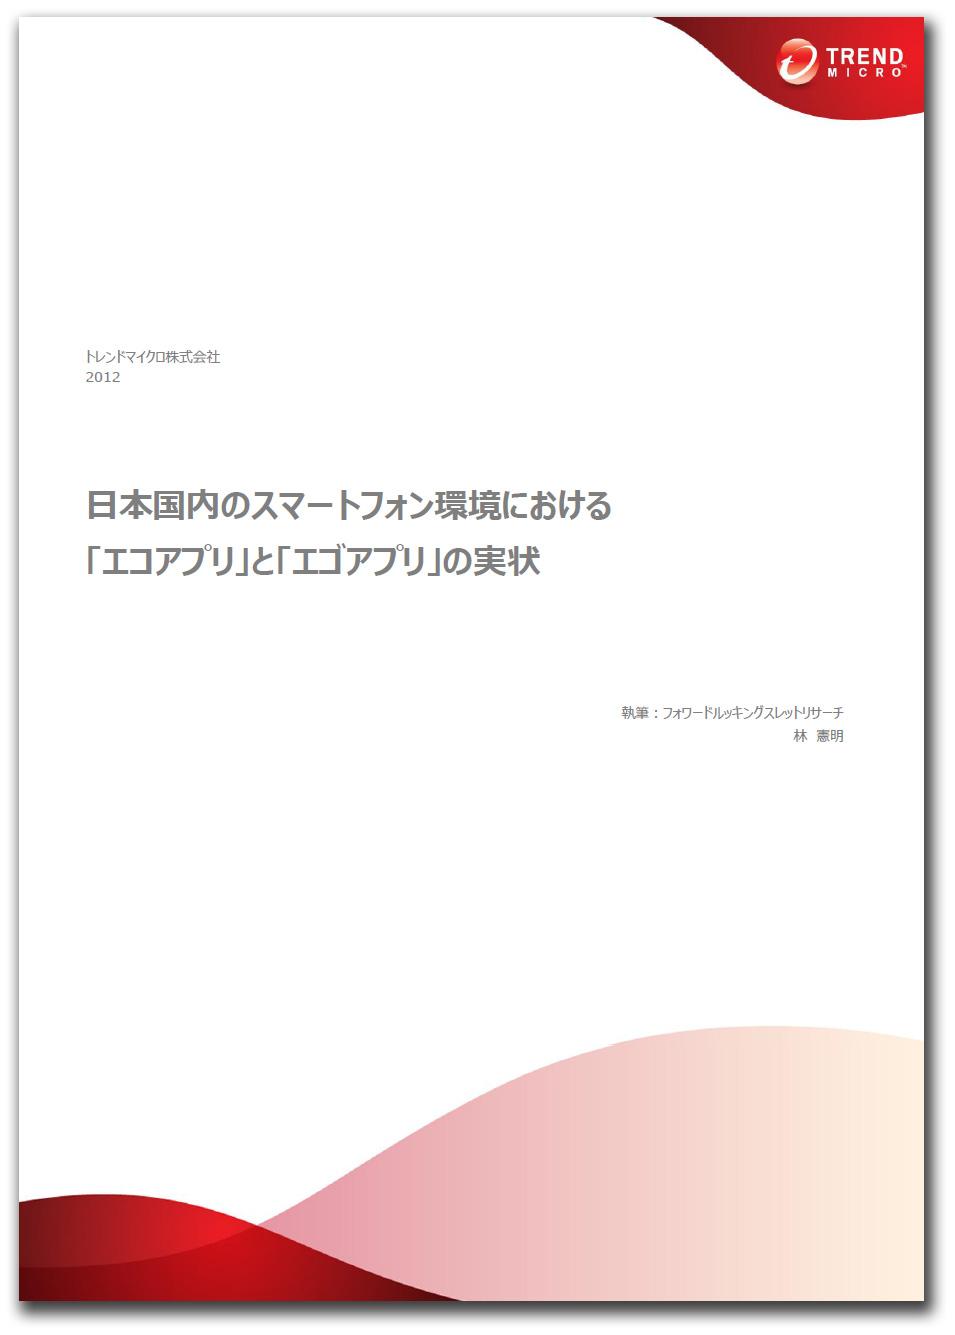 『日本国内のスマートフォン環境における「エゴアプリ」と「エコアプリ」の実状』